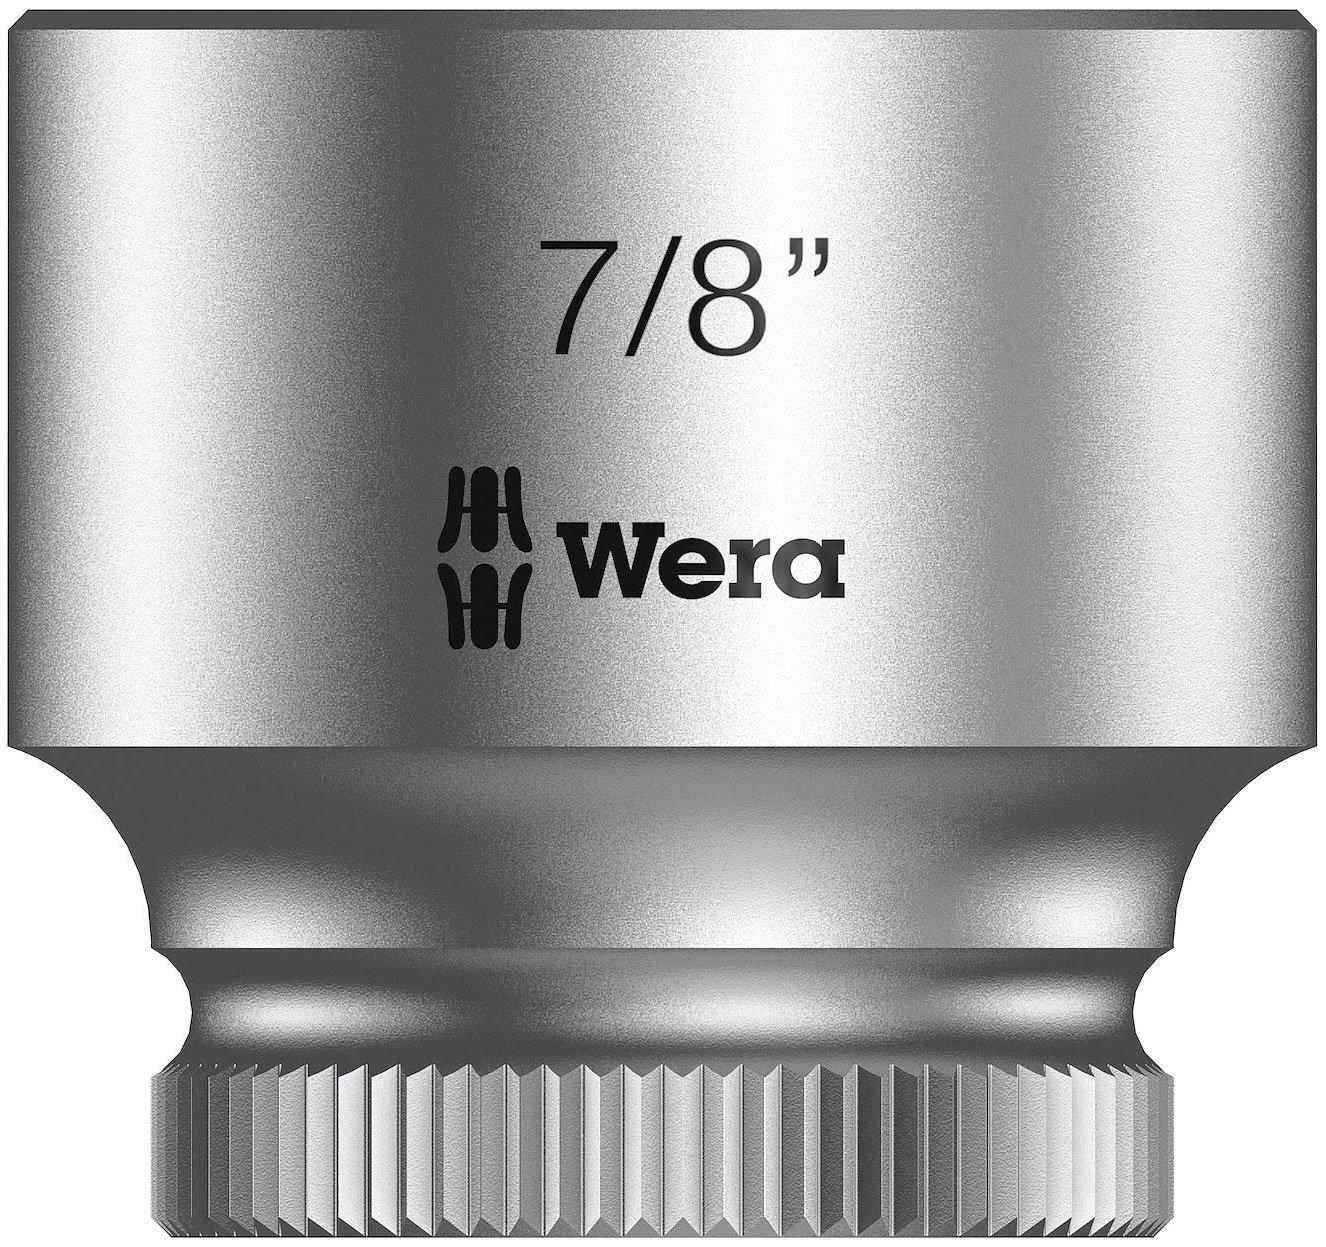 Elora 123030321000 Double end swivel socket wrench 123 30mm x 32mm